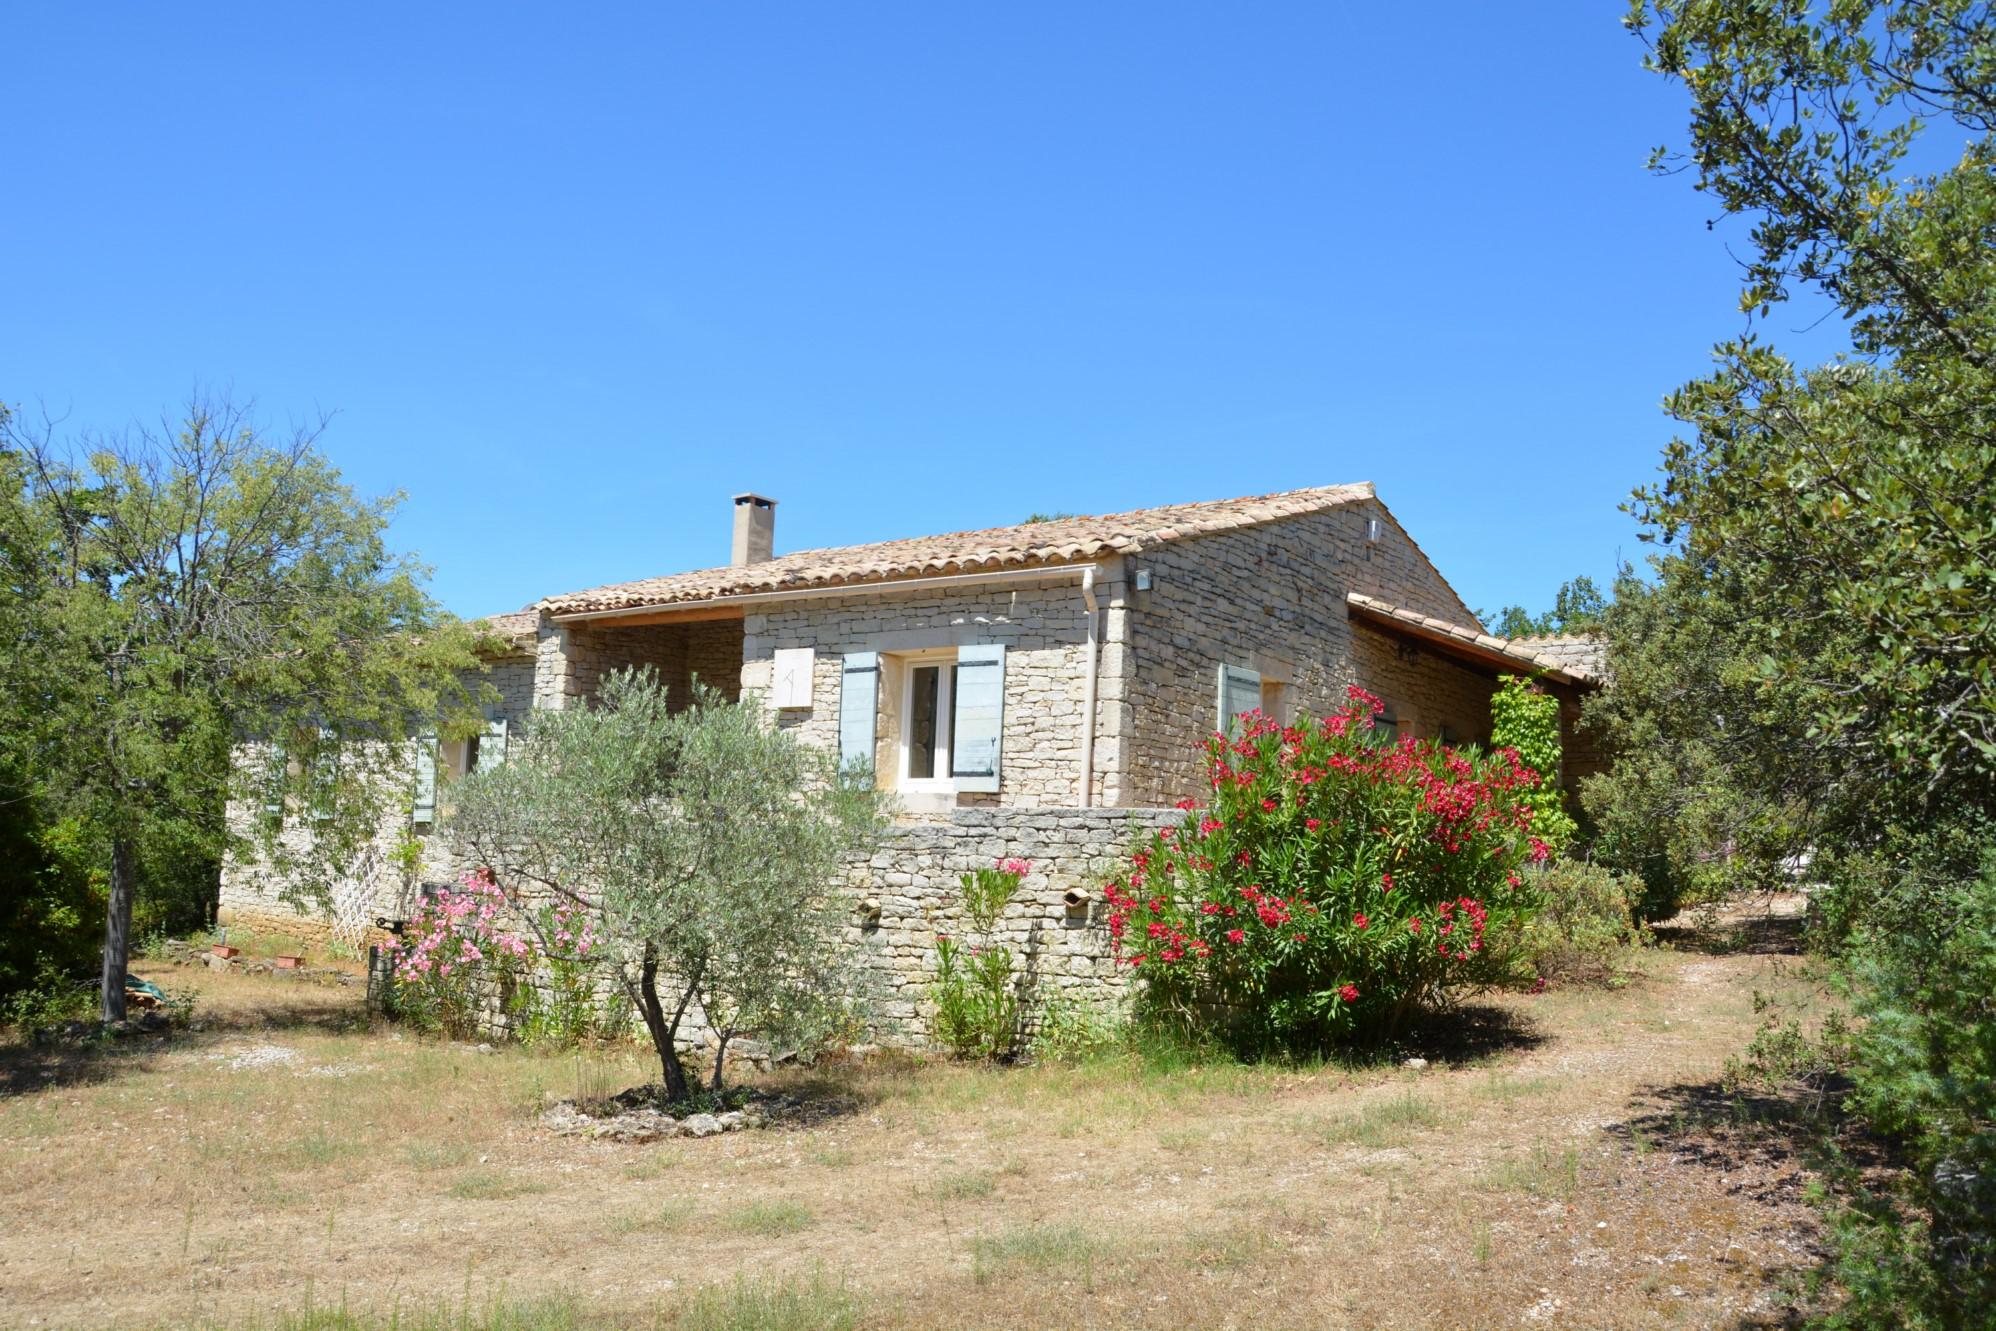 Maison à vendre dans le Luberon